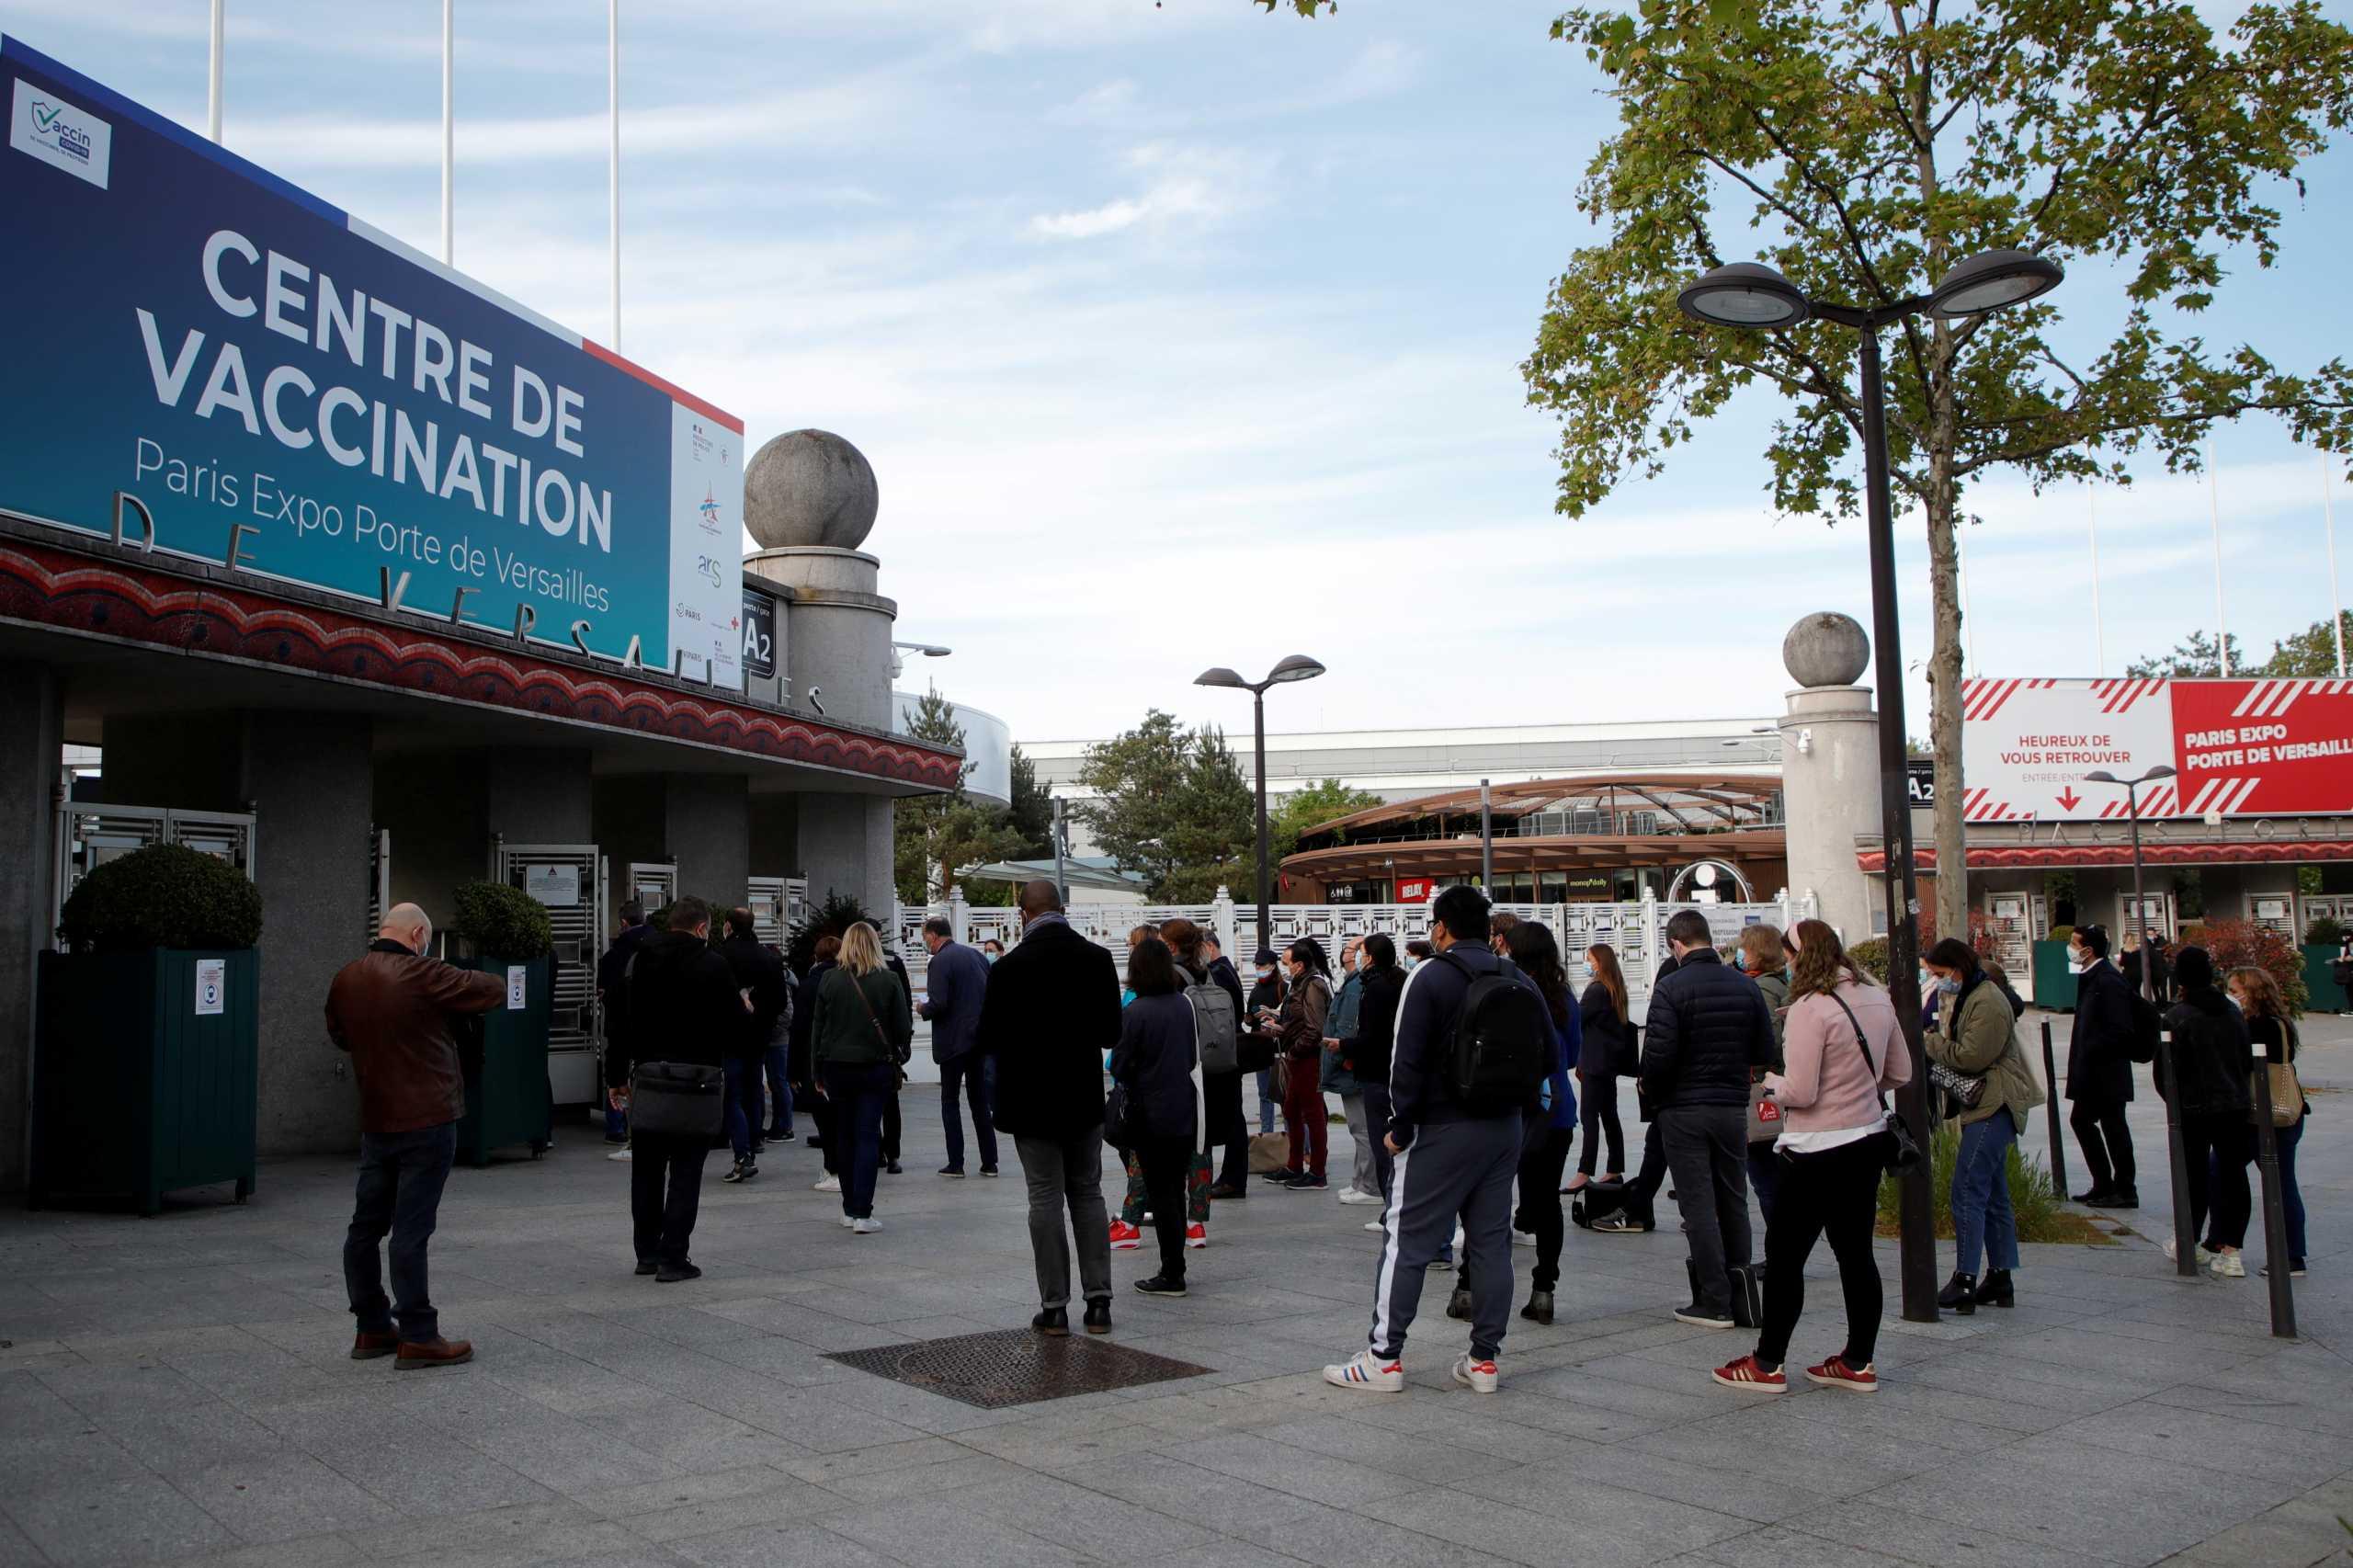 Κορονοϊός – Γαλλία: 20 εκατομμύρια πολίτες έχουν κάνει την πρώτη δόση εμβολίου